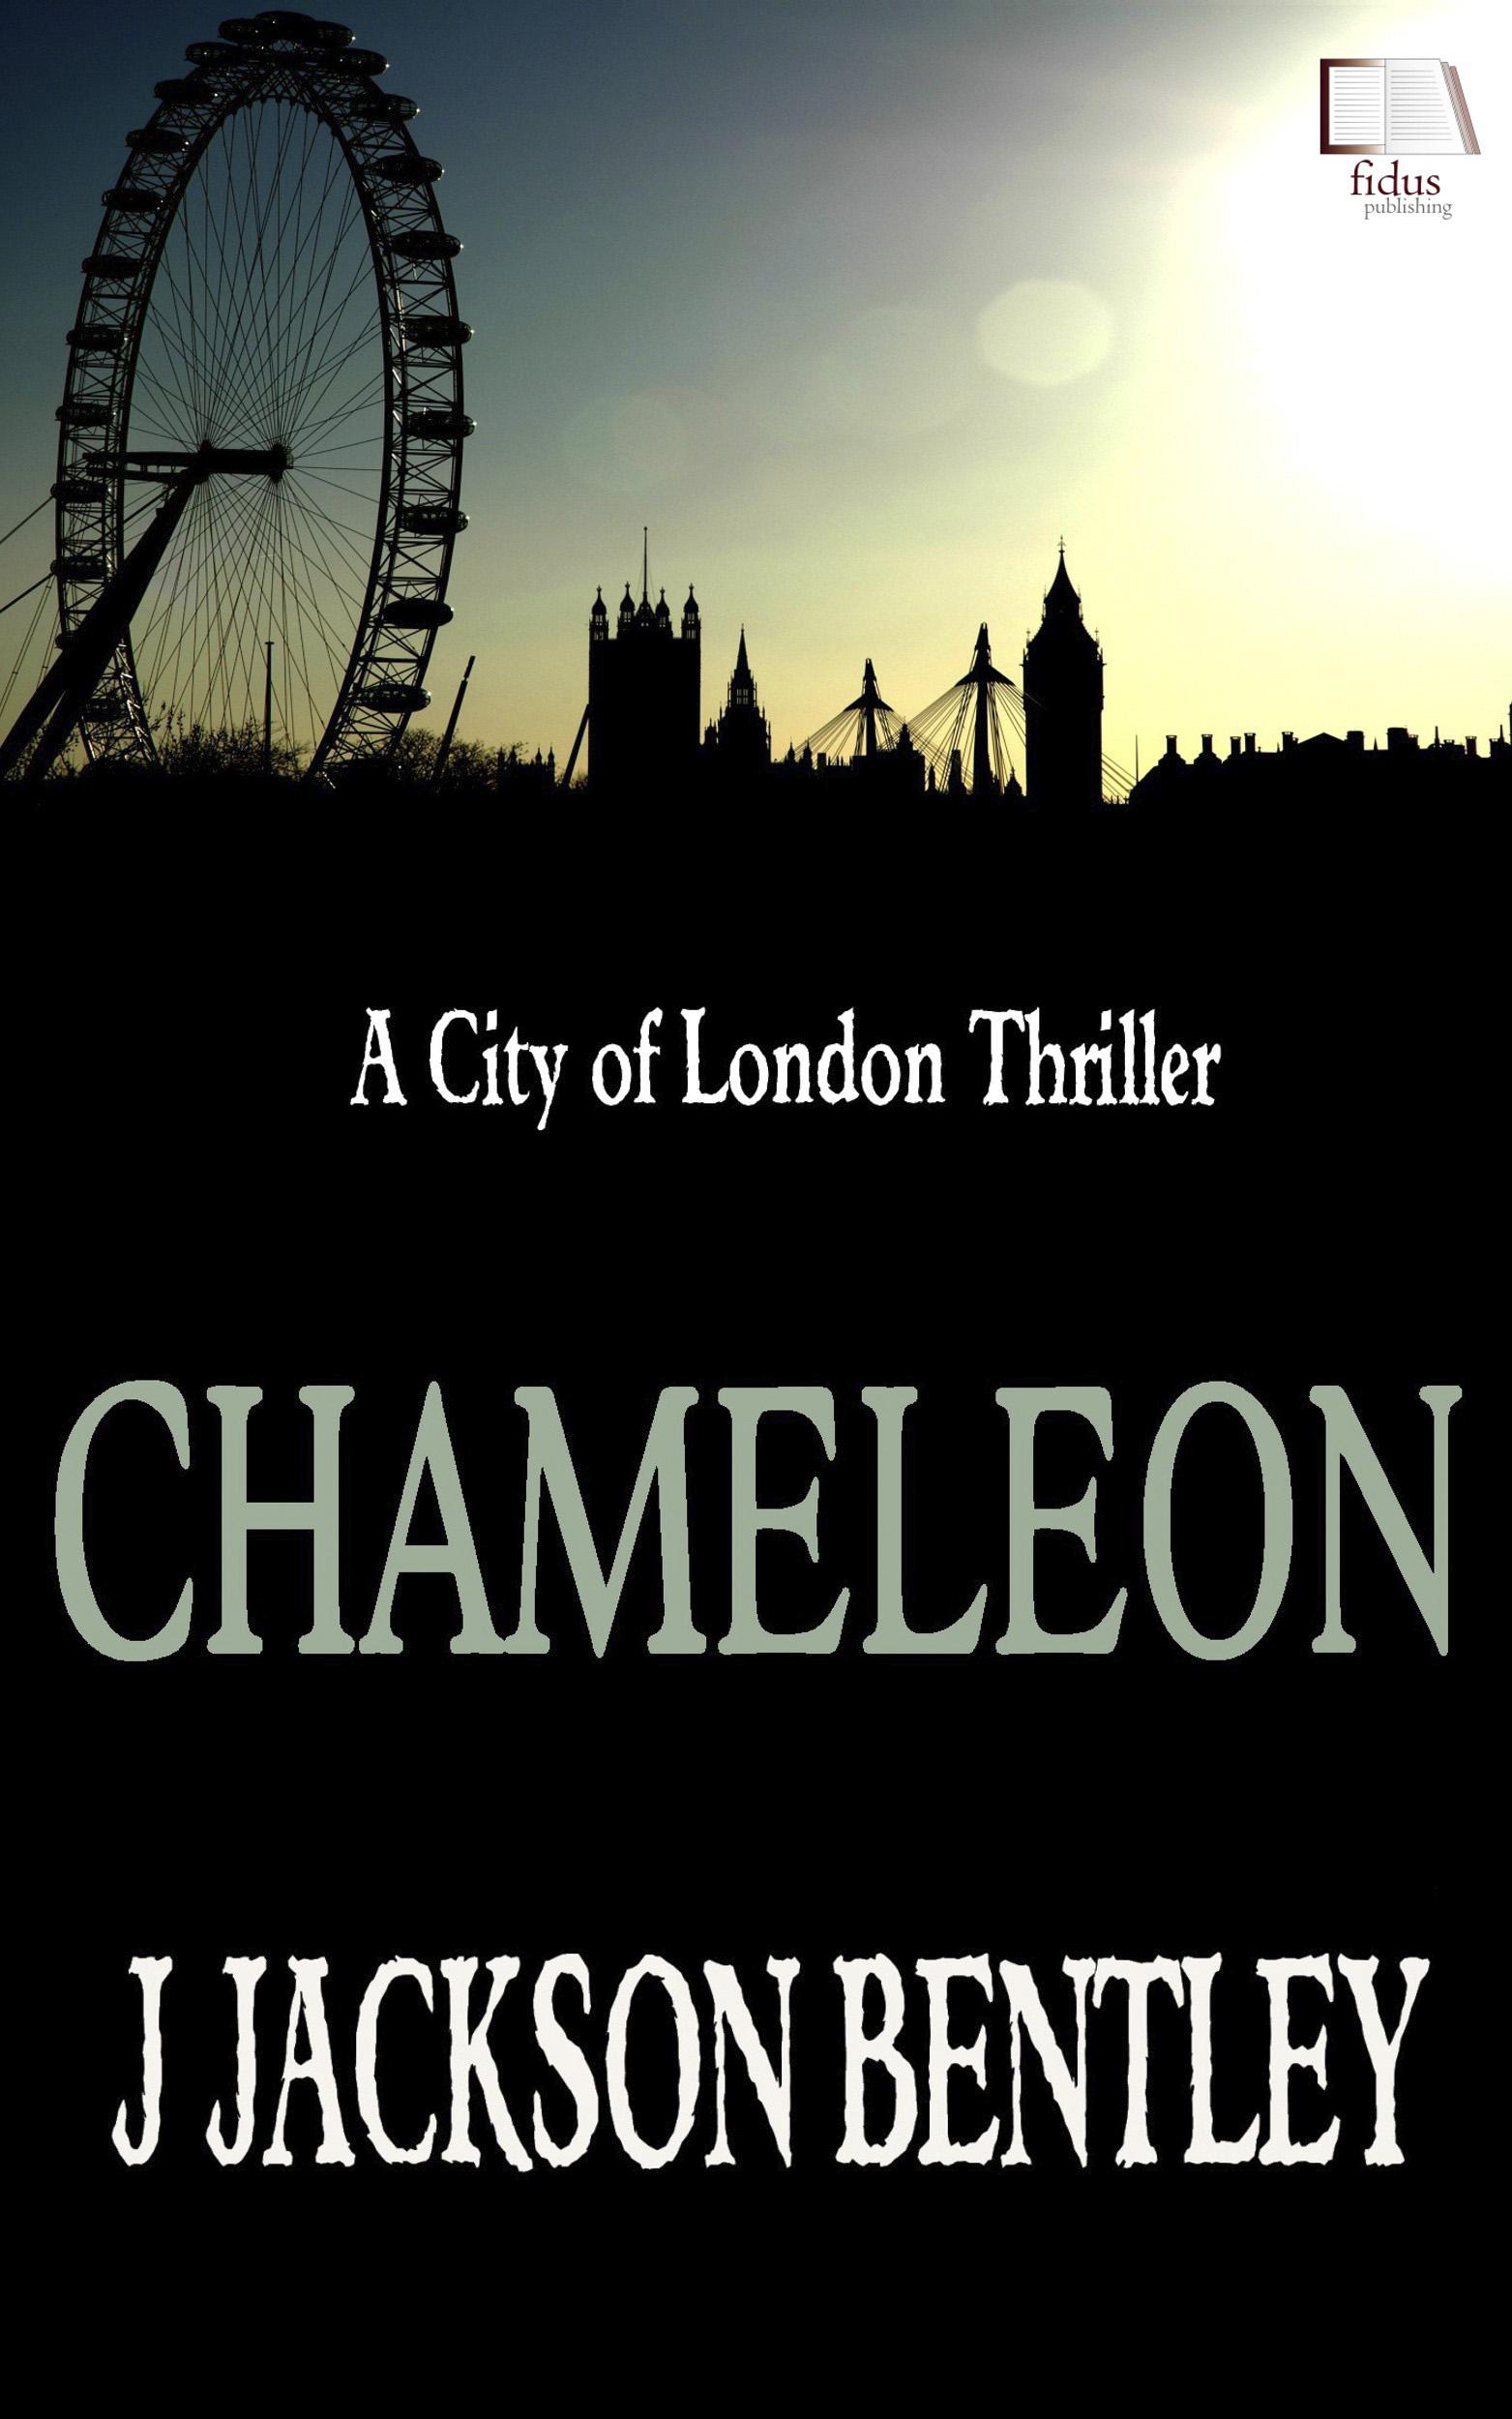 Chameleon new cover.JPG